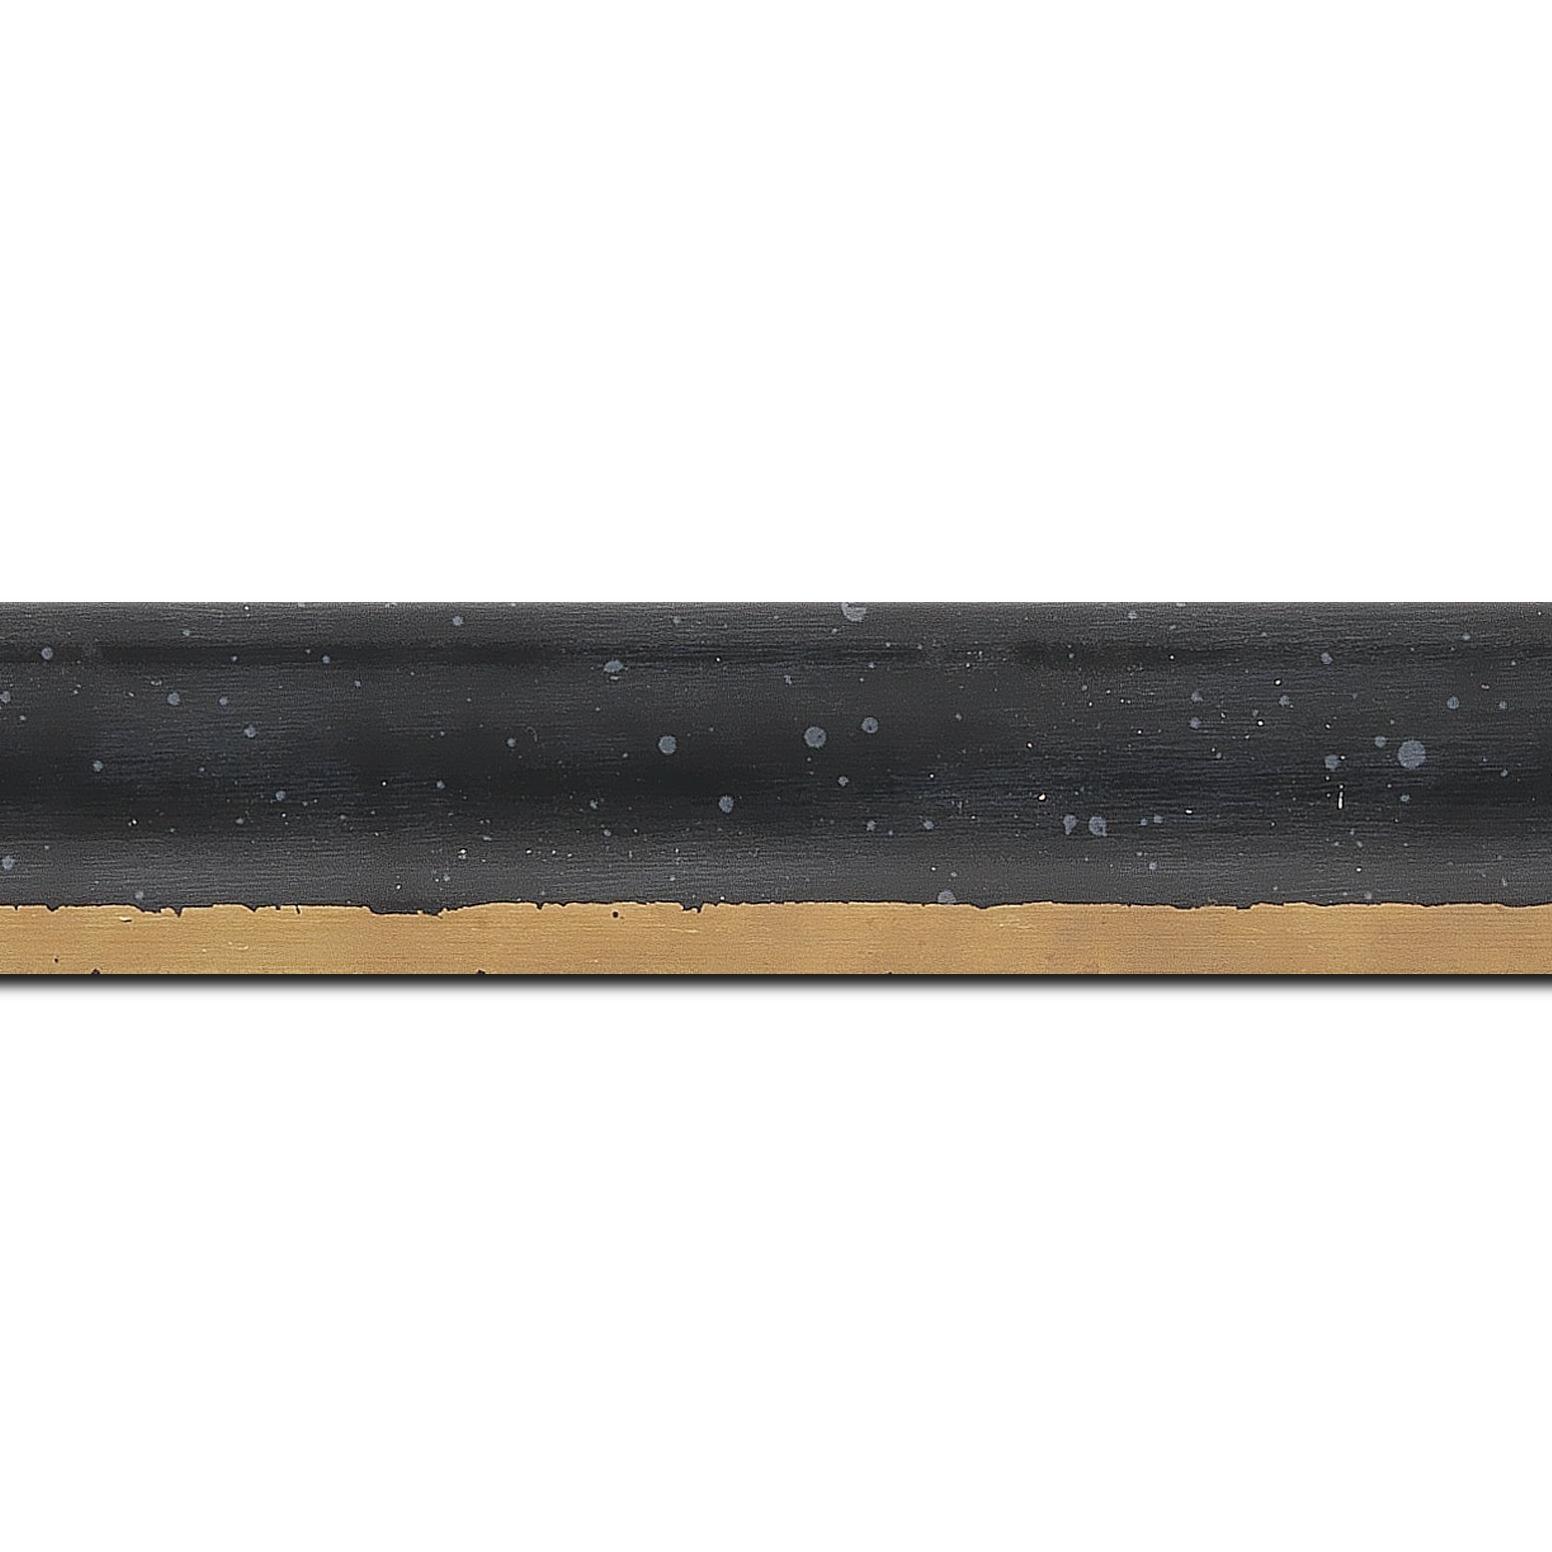 Pack par 12m, bois profil incurvé largeur 3.9cm noir tamisé filet or(longueur baguette pouvant varier entre 2.40m et 3m selon arrivage des bois)